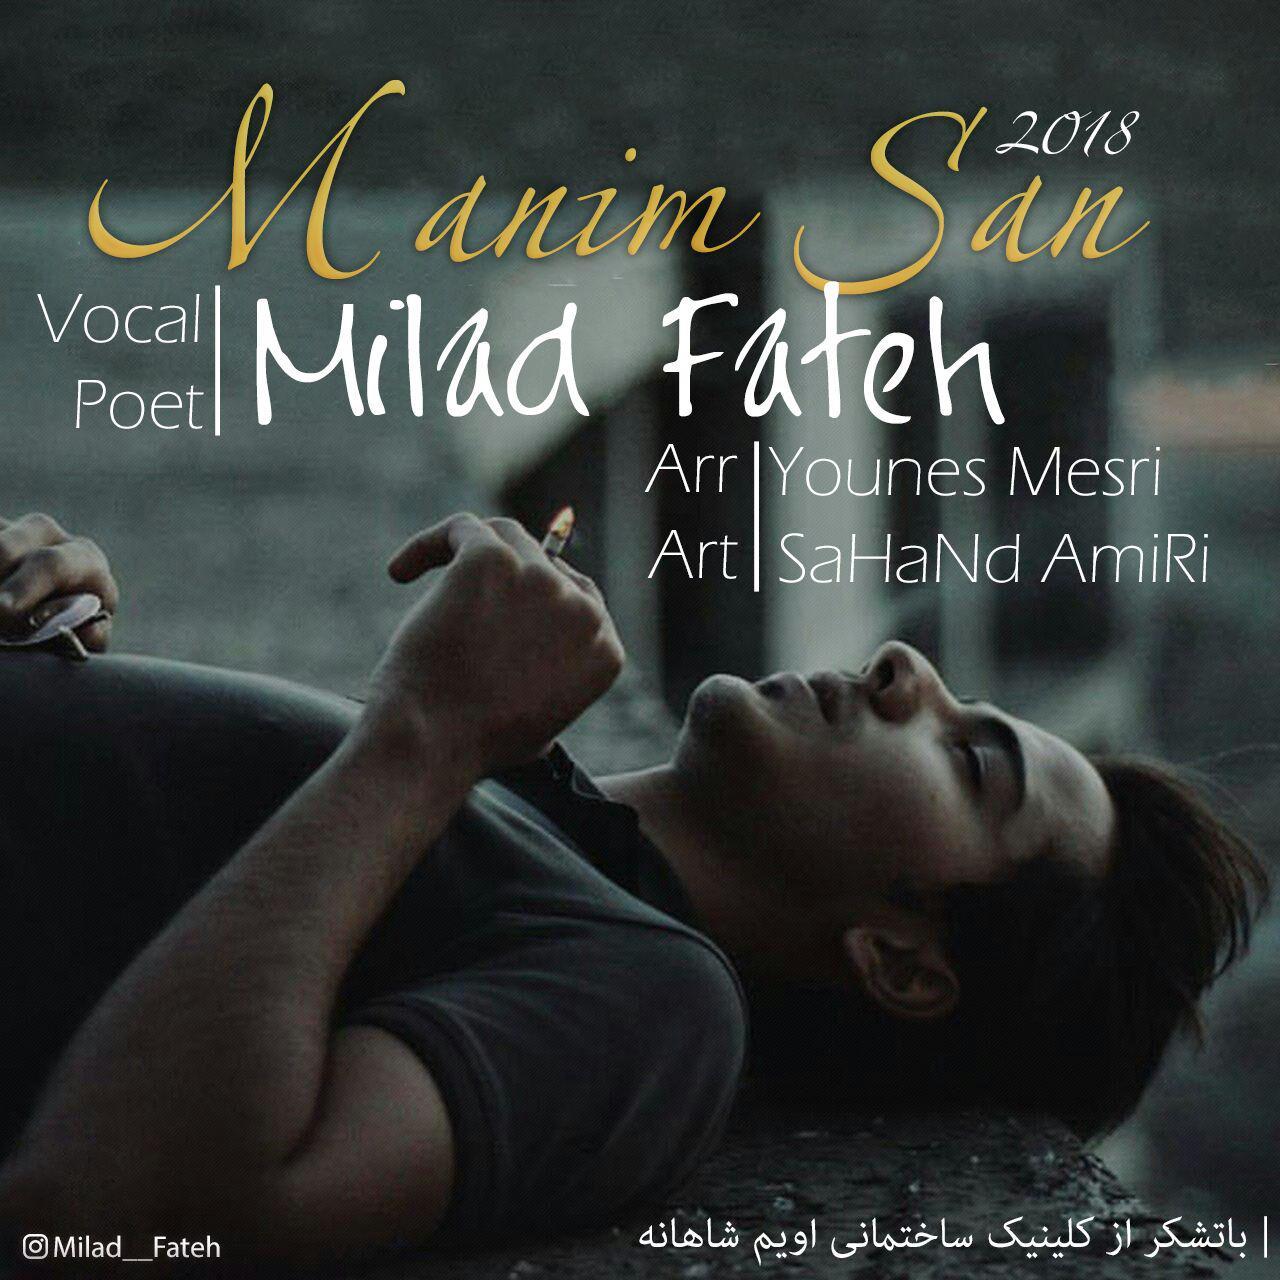 http://birtunes.ir/wp-content/uploads/2018/12/Milad-Fateh-Manim-San.jpg